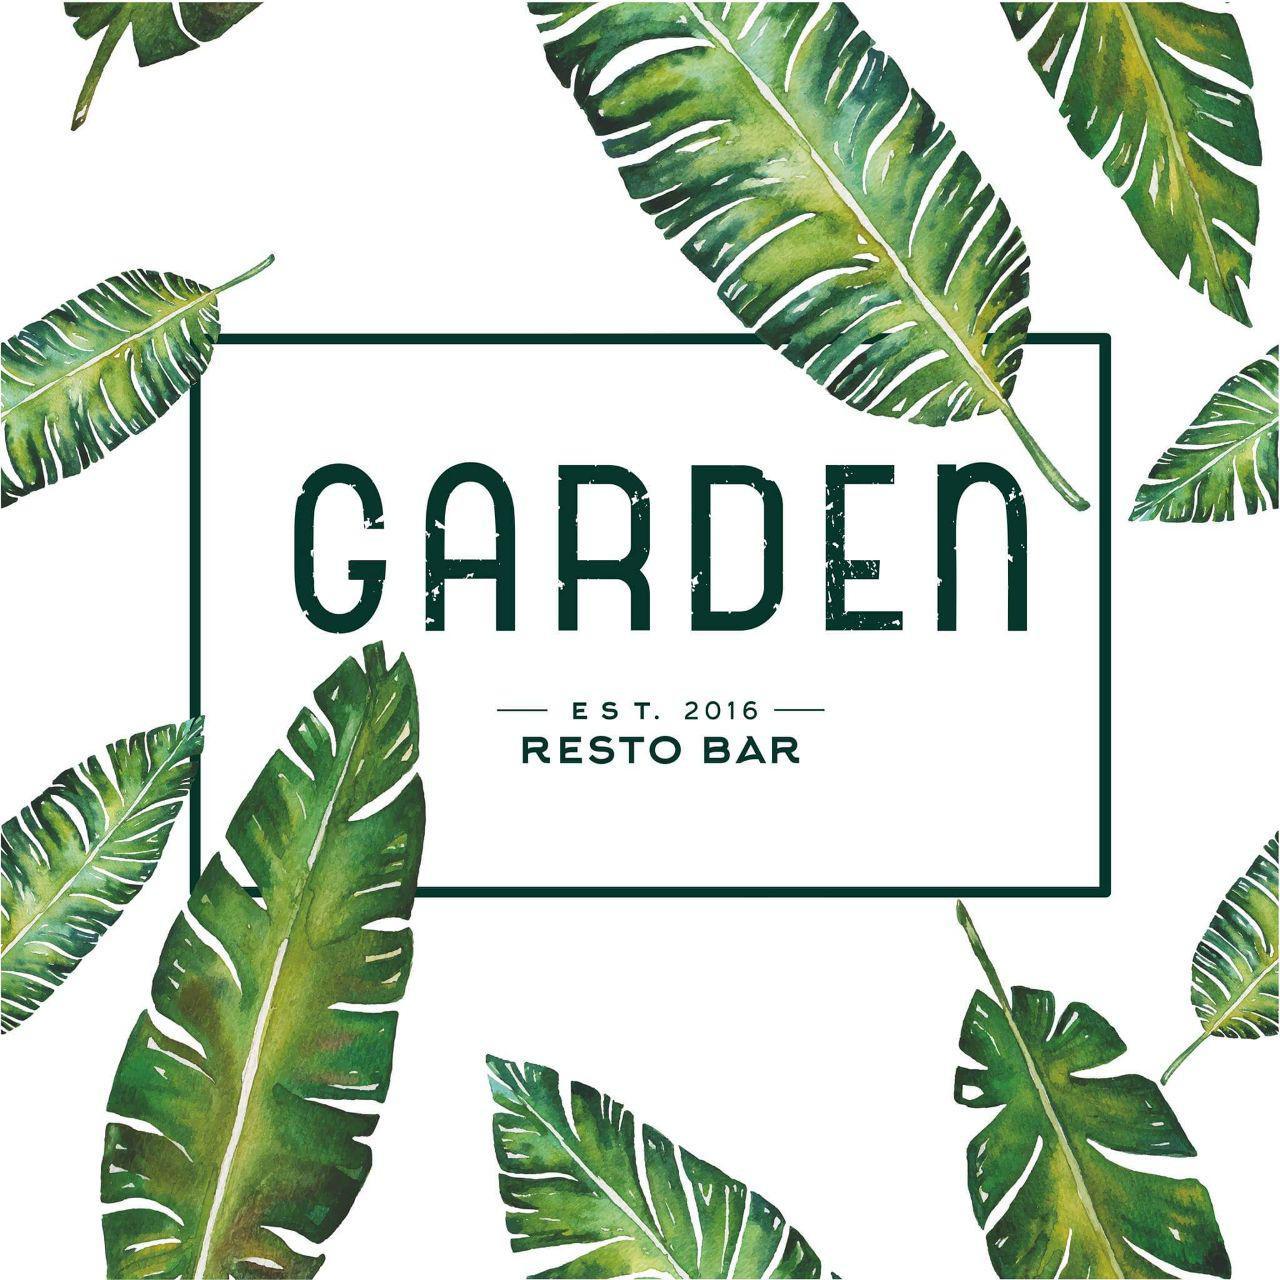 Логотип заведения Garden resto bar